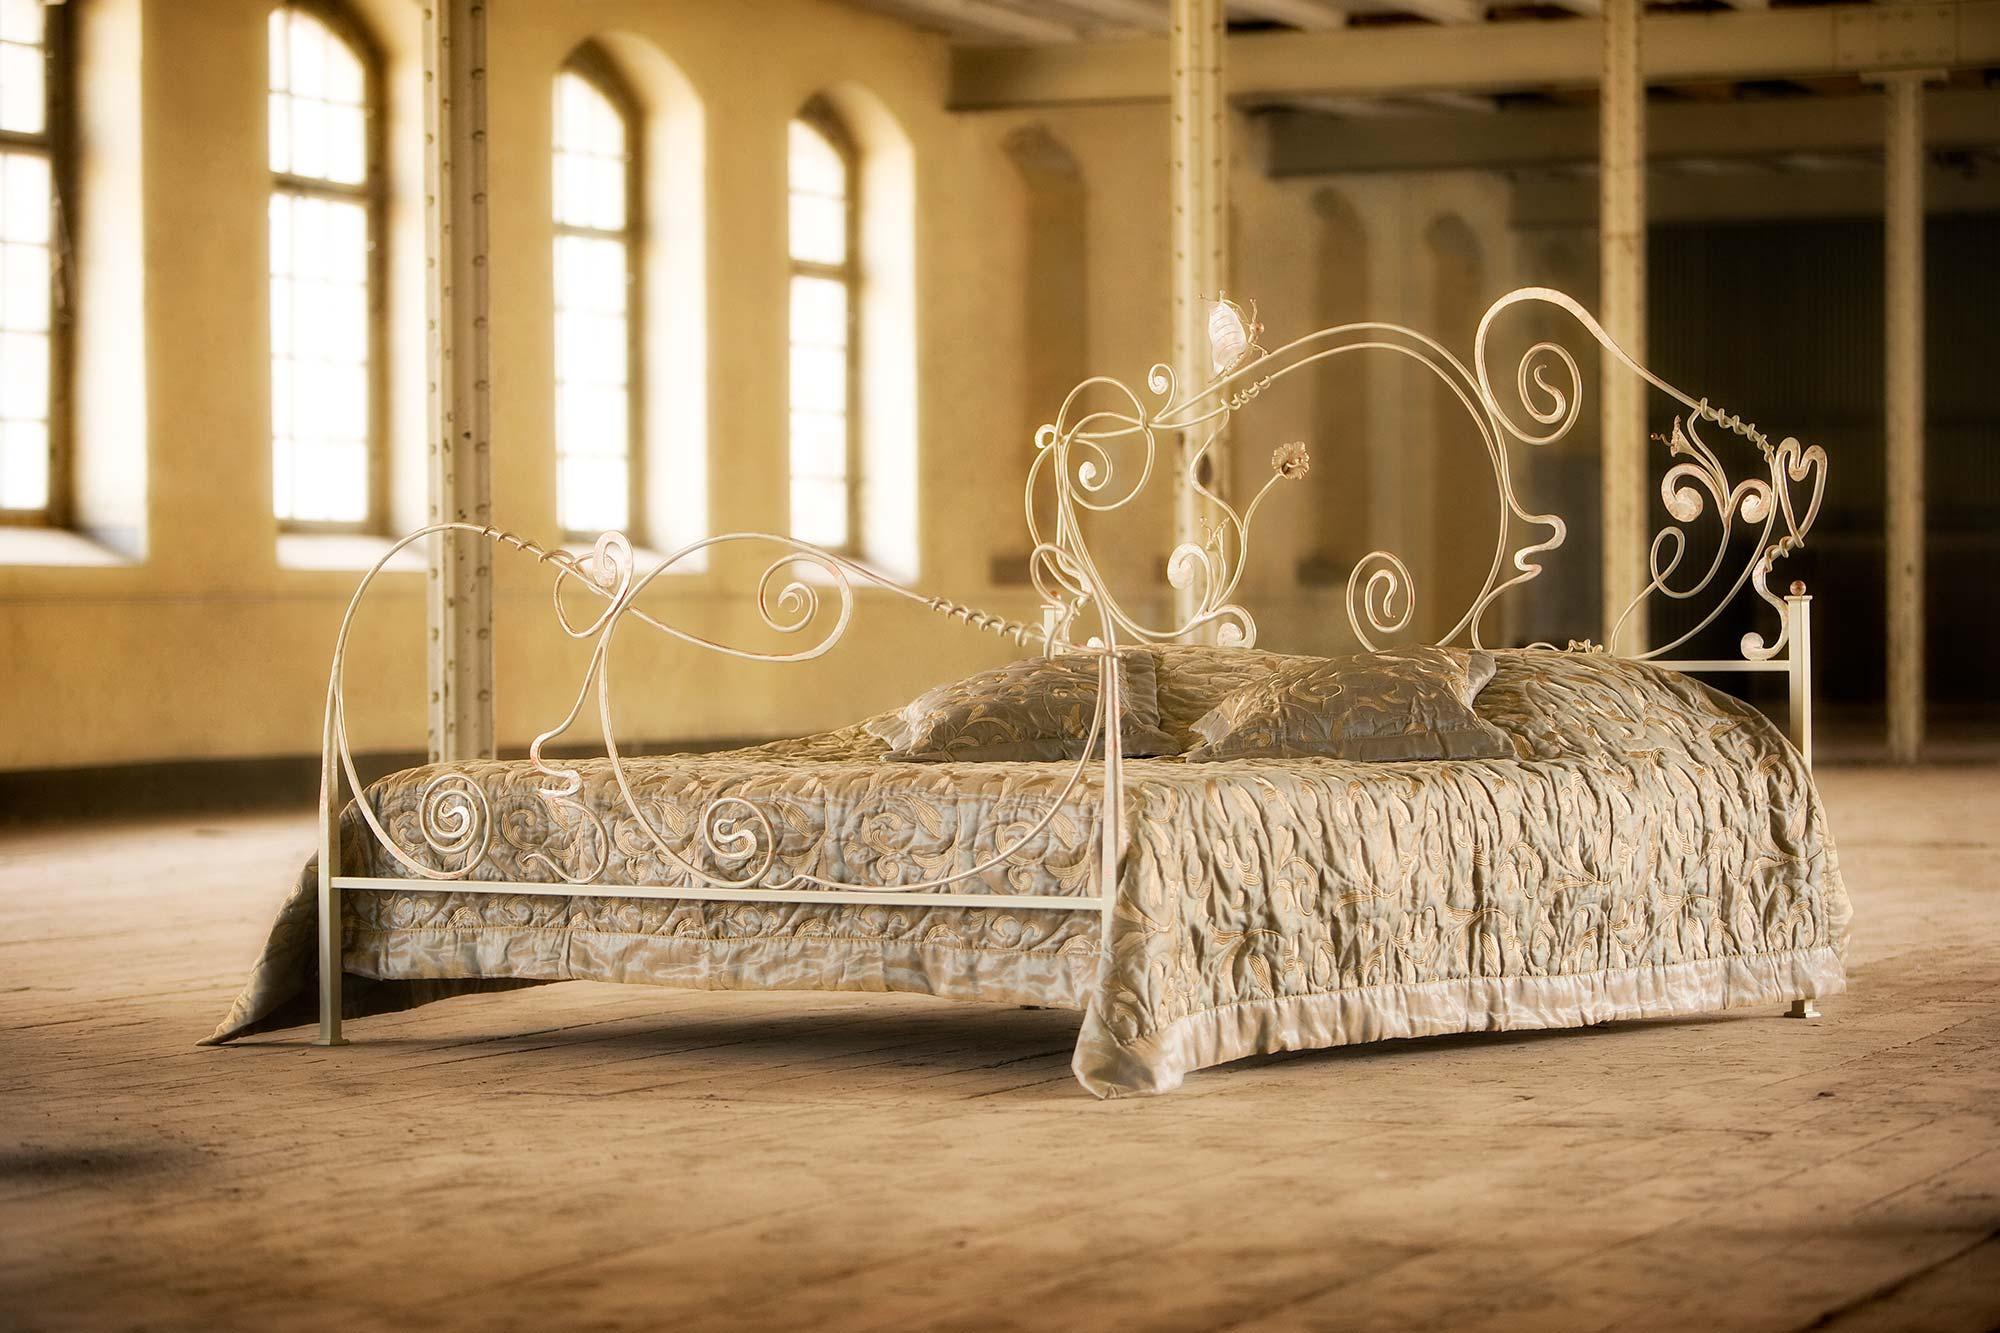 Metallbetten Betten aus Glas Nachttische  Beistelltische